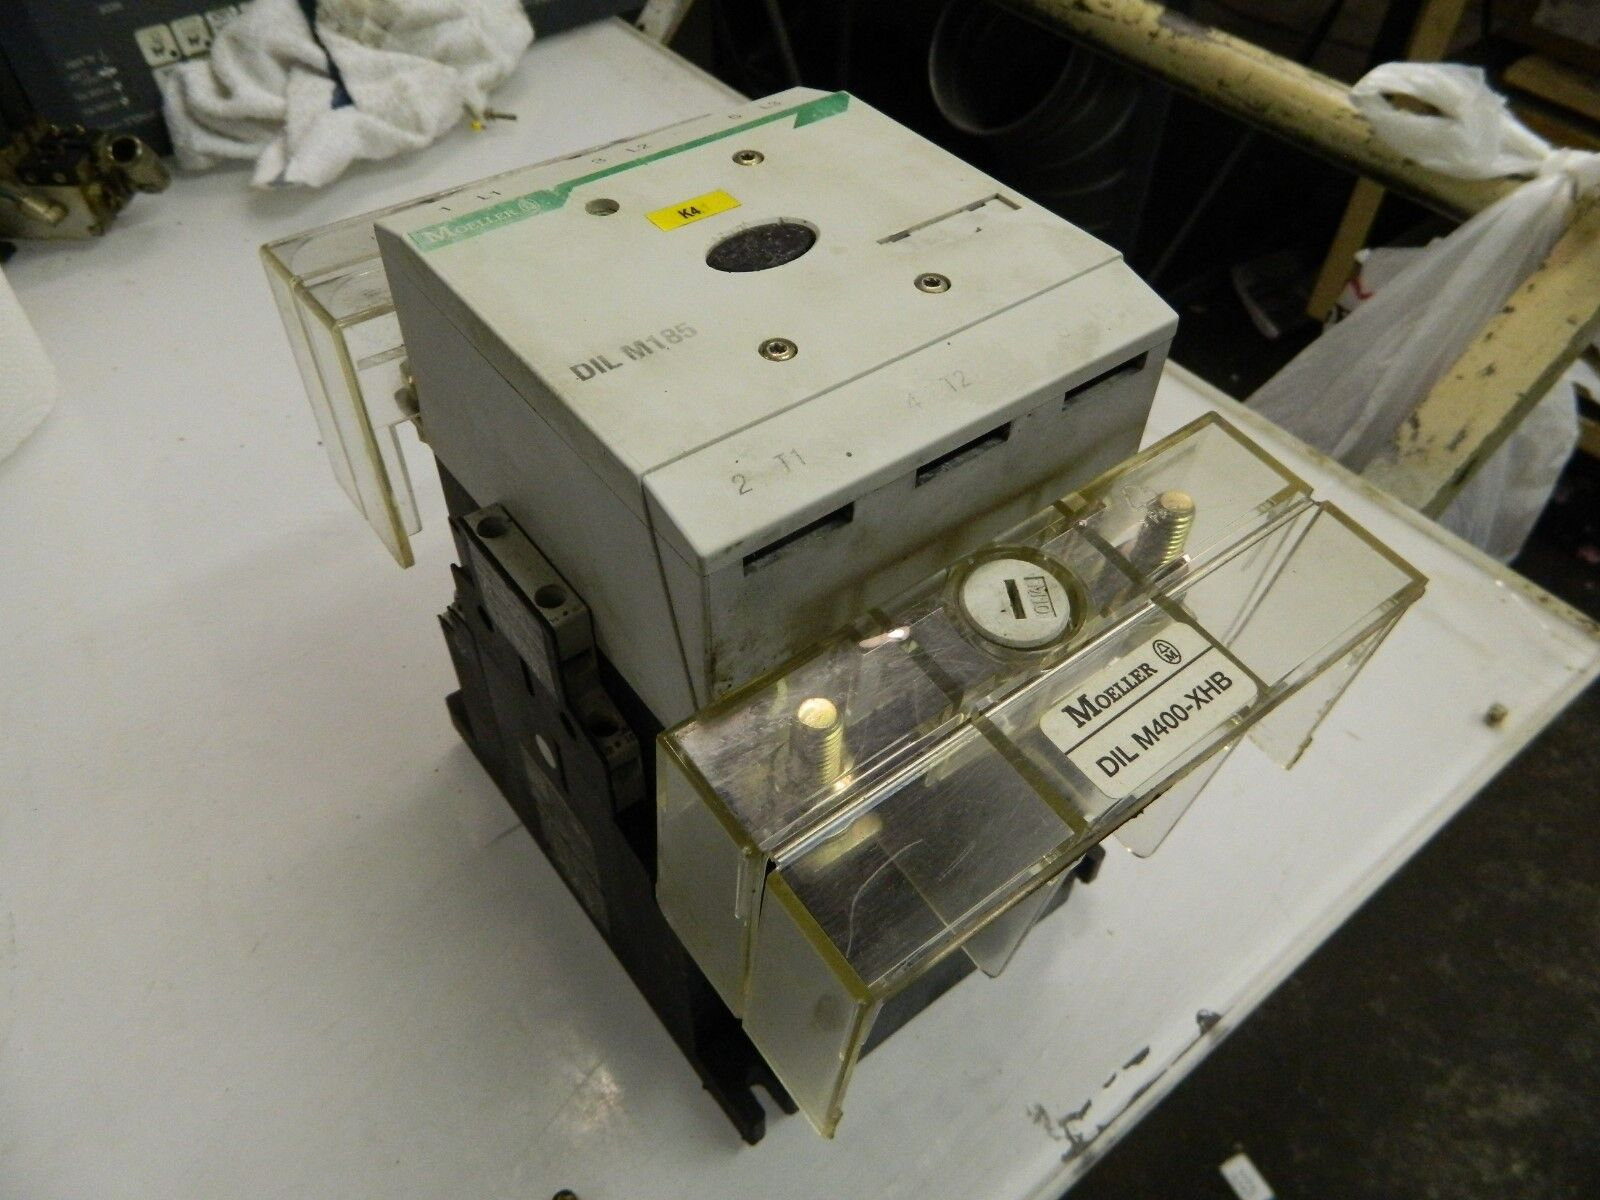 Klockner Moeller Contactor DIL M185 / DILM185, 110-250V Coil, 40-60 Hz/DC, Used